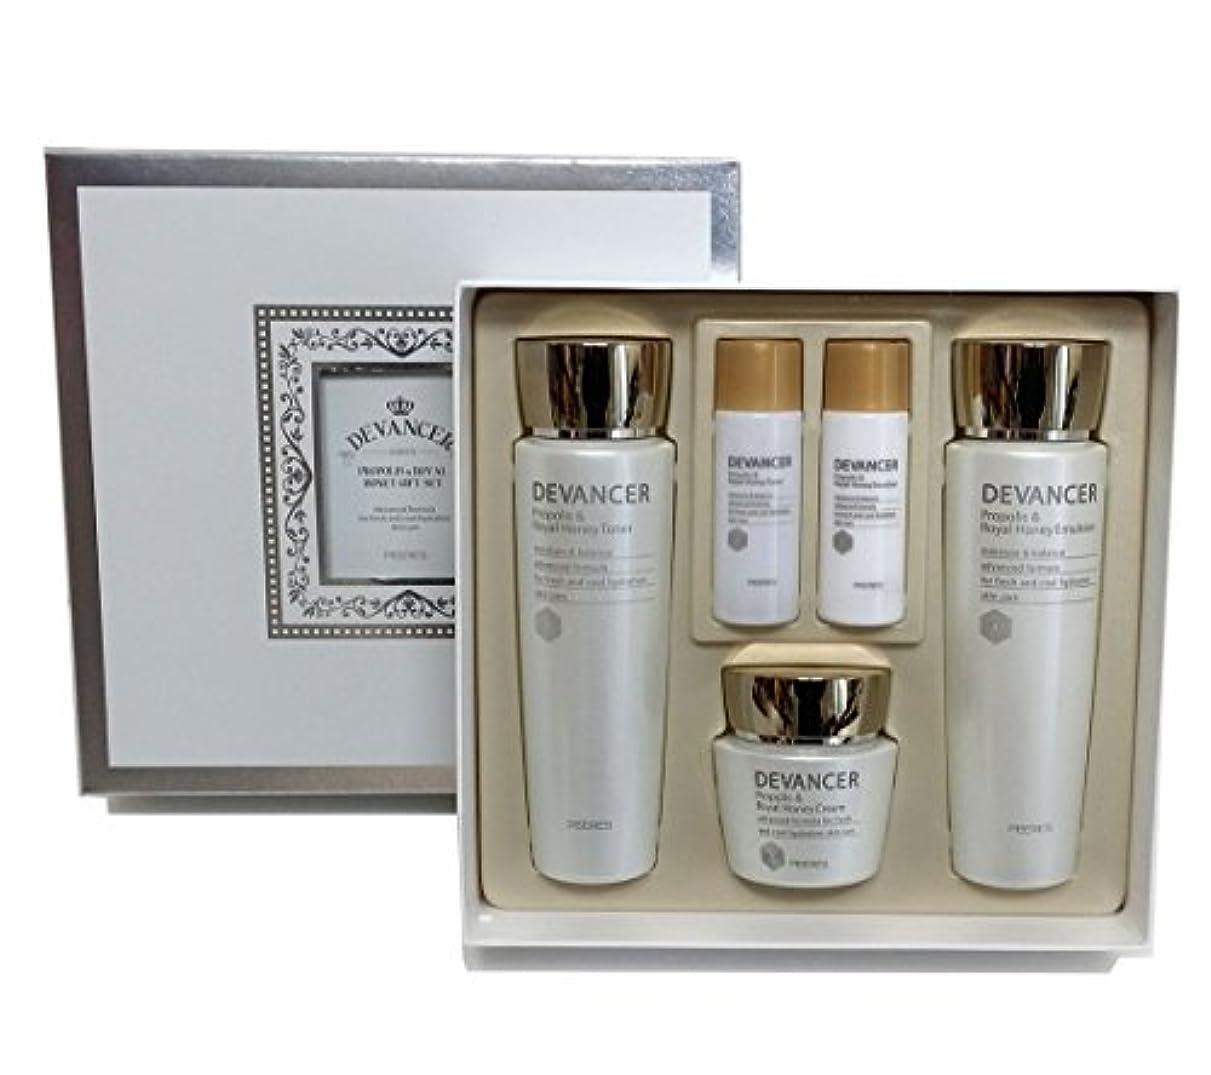 シリアル明らか私たちの[DEVANCER] プロポリス&ロイヤルハニーギフトスキンケアセット/Propolis & Royal Honey gift Skincare set/水分、ホワイトニング/moisture,whitening/韓国の...